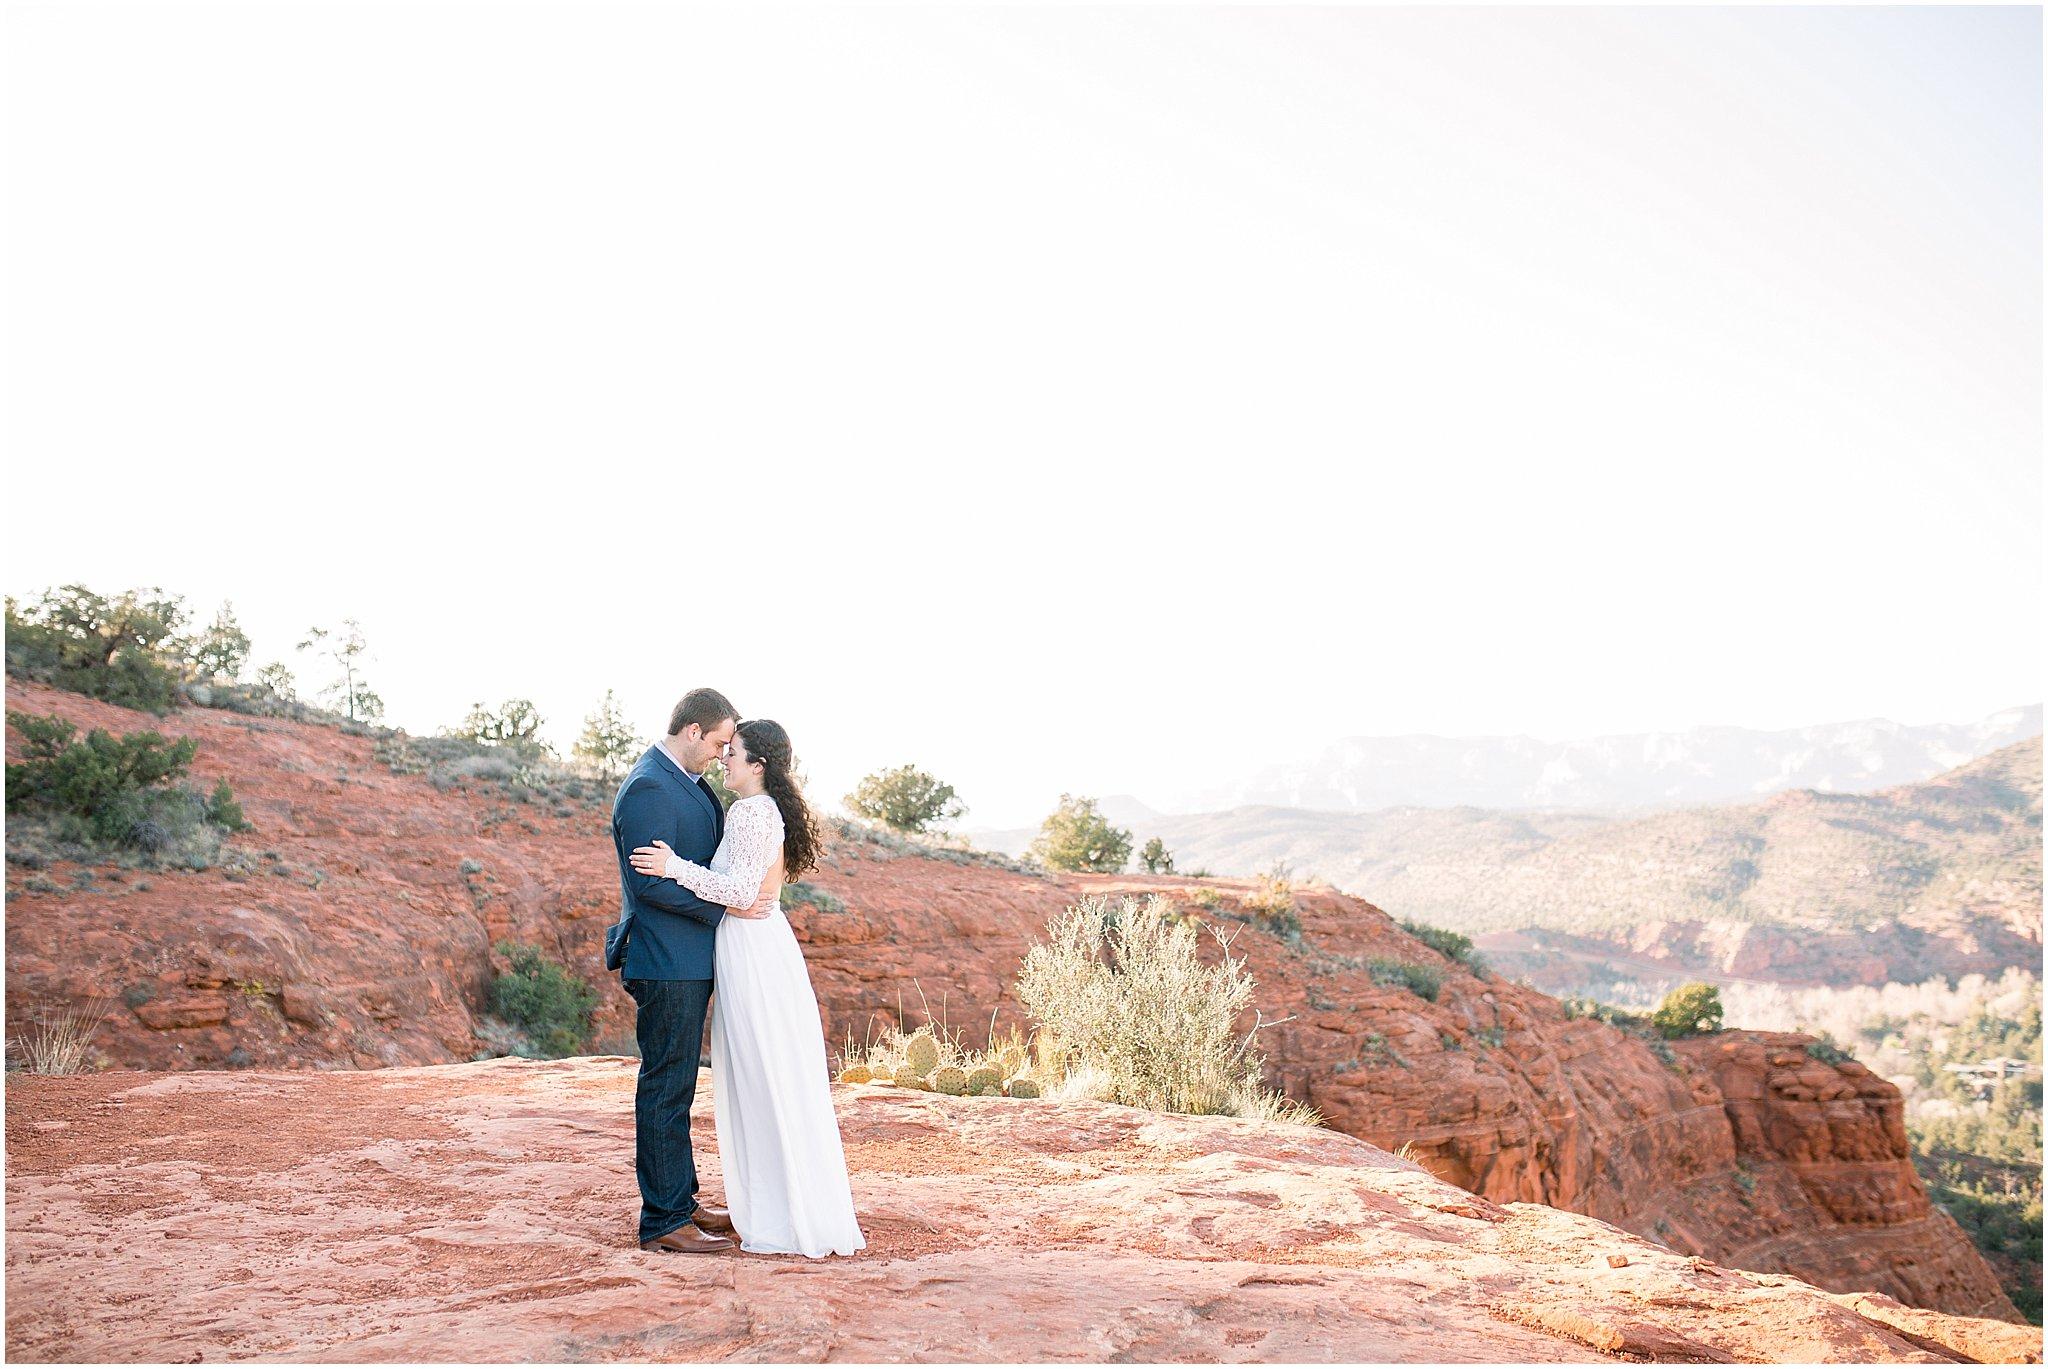 sedona-arizona-engagement-photographer_0013.jpg